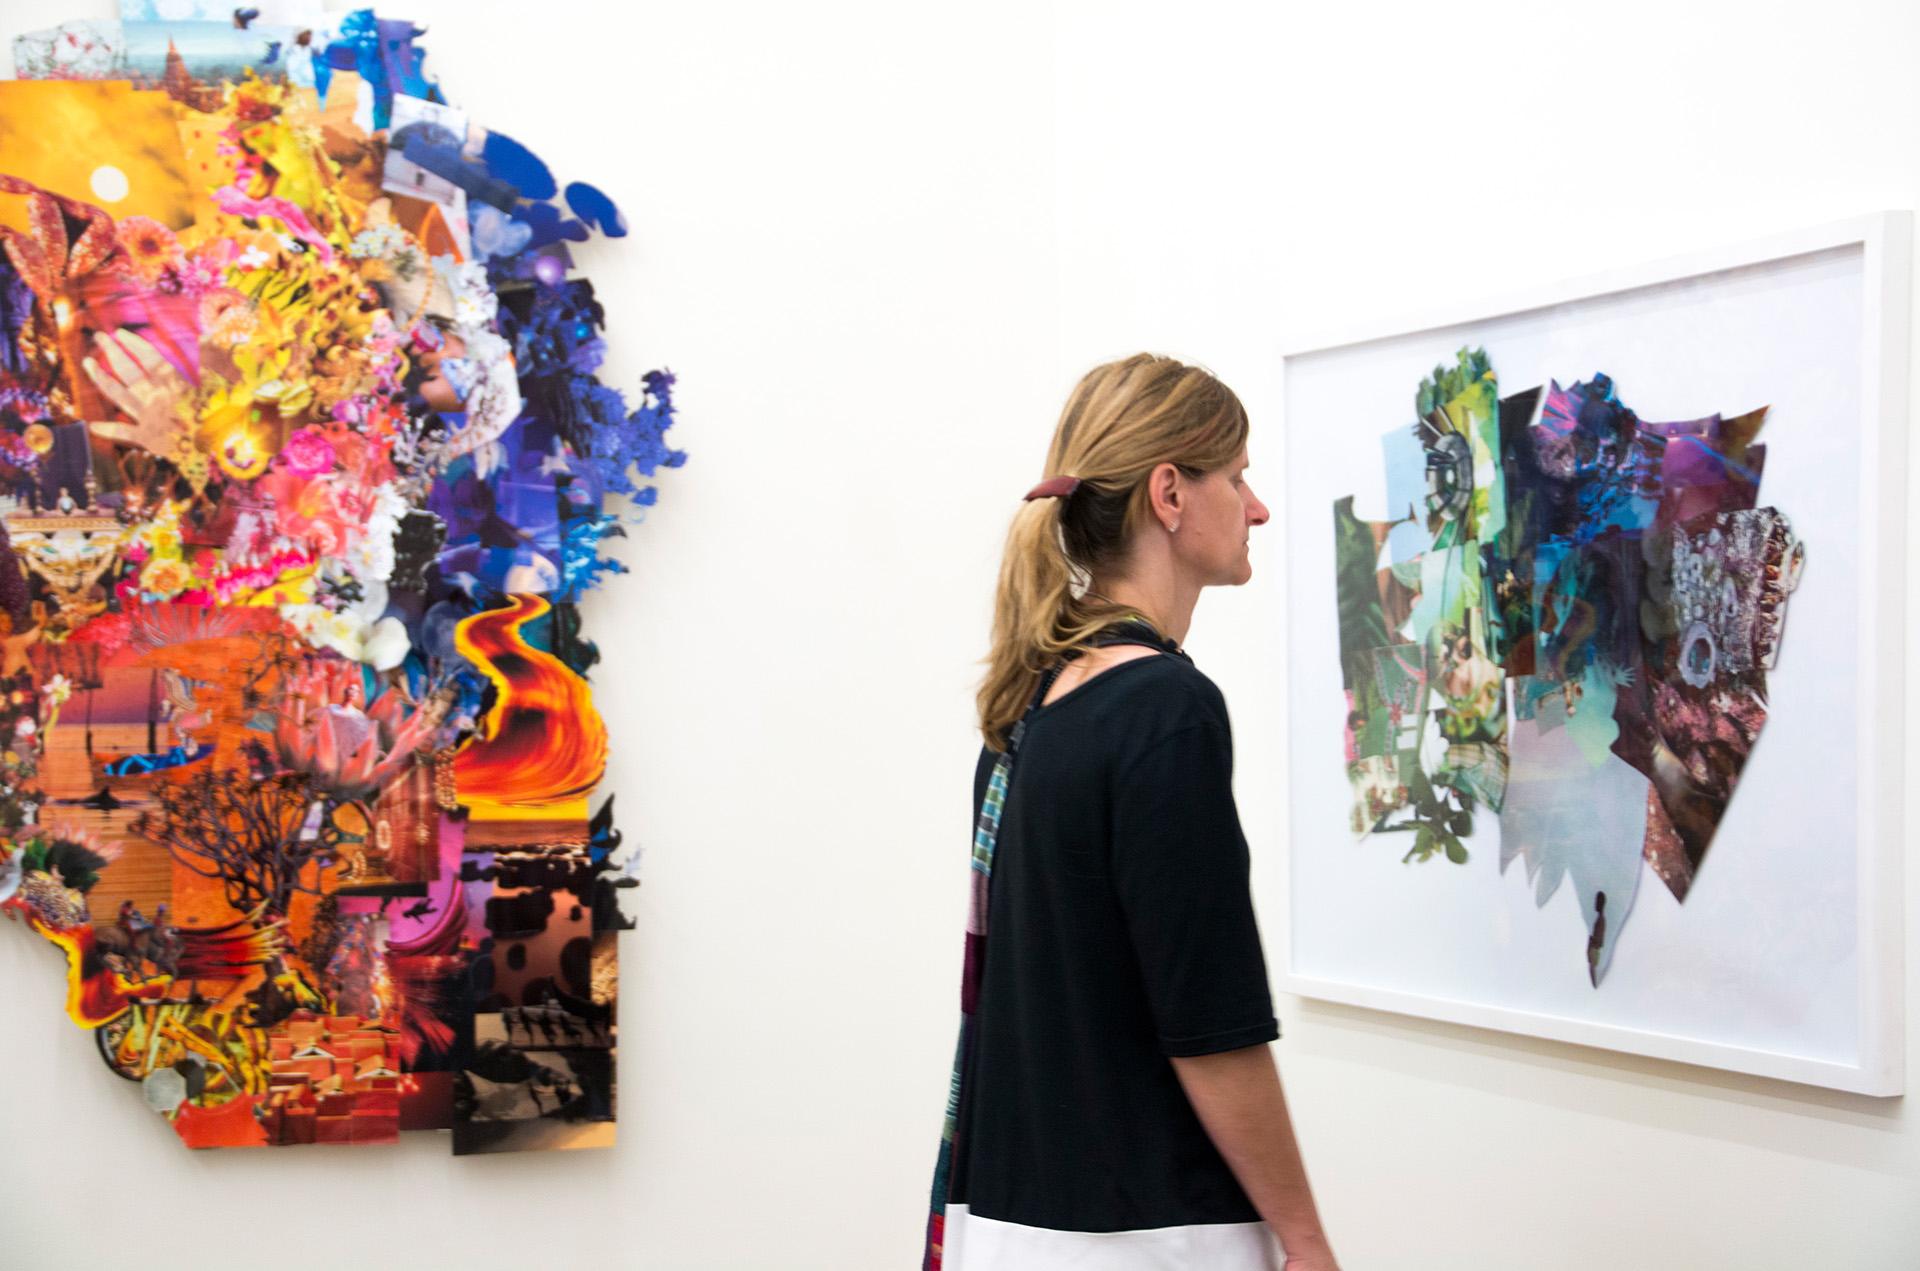 """Komplettansicht der Plastik """"Selbstgespräche mit Frau A"""" bestehend aus Holz, Papier, Plexiglas und Klebefolien. Geschaffen von der Künstlerin Wiebke Kirchner im Jahr 2019."""